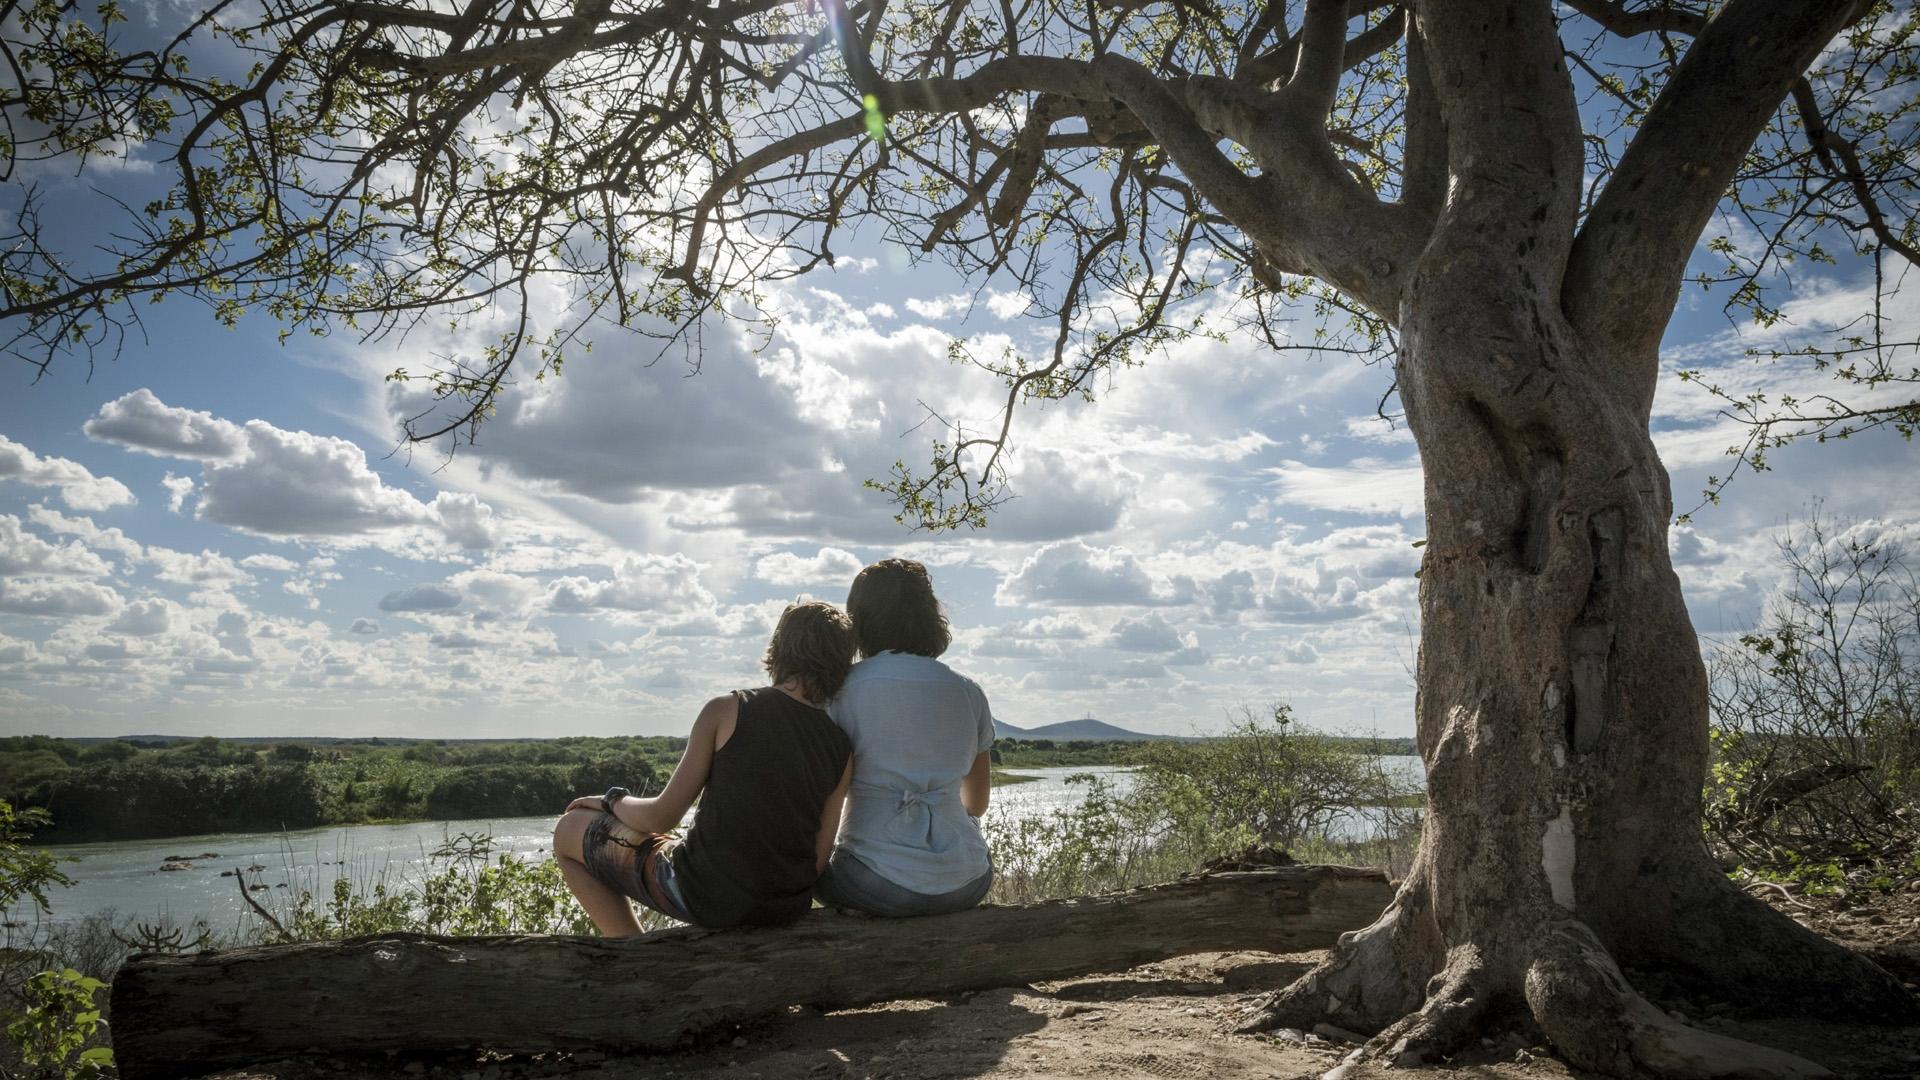 Foto de Acqua Movie. Alessandra Negrini e Antonio Haddad estão sentados no tronco de uma árvore, de costas para a foto. Eles olham na direção de um rio, o céu está bem iluminada e azul com nuvens. Ao lado direito, há uma grande árvore.